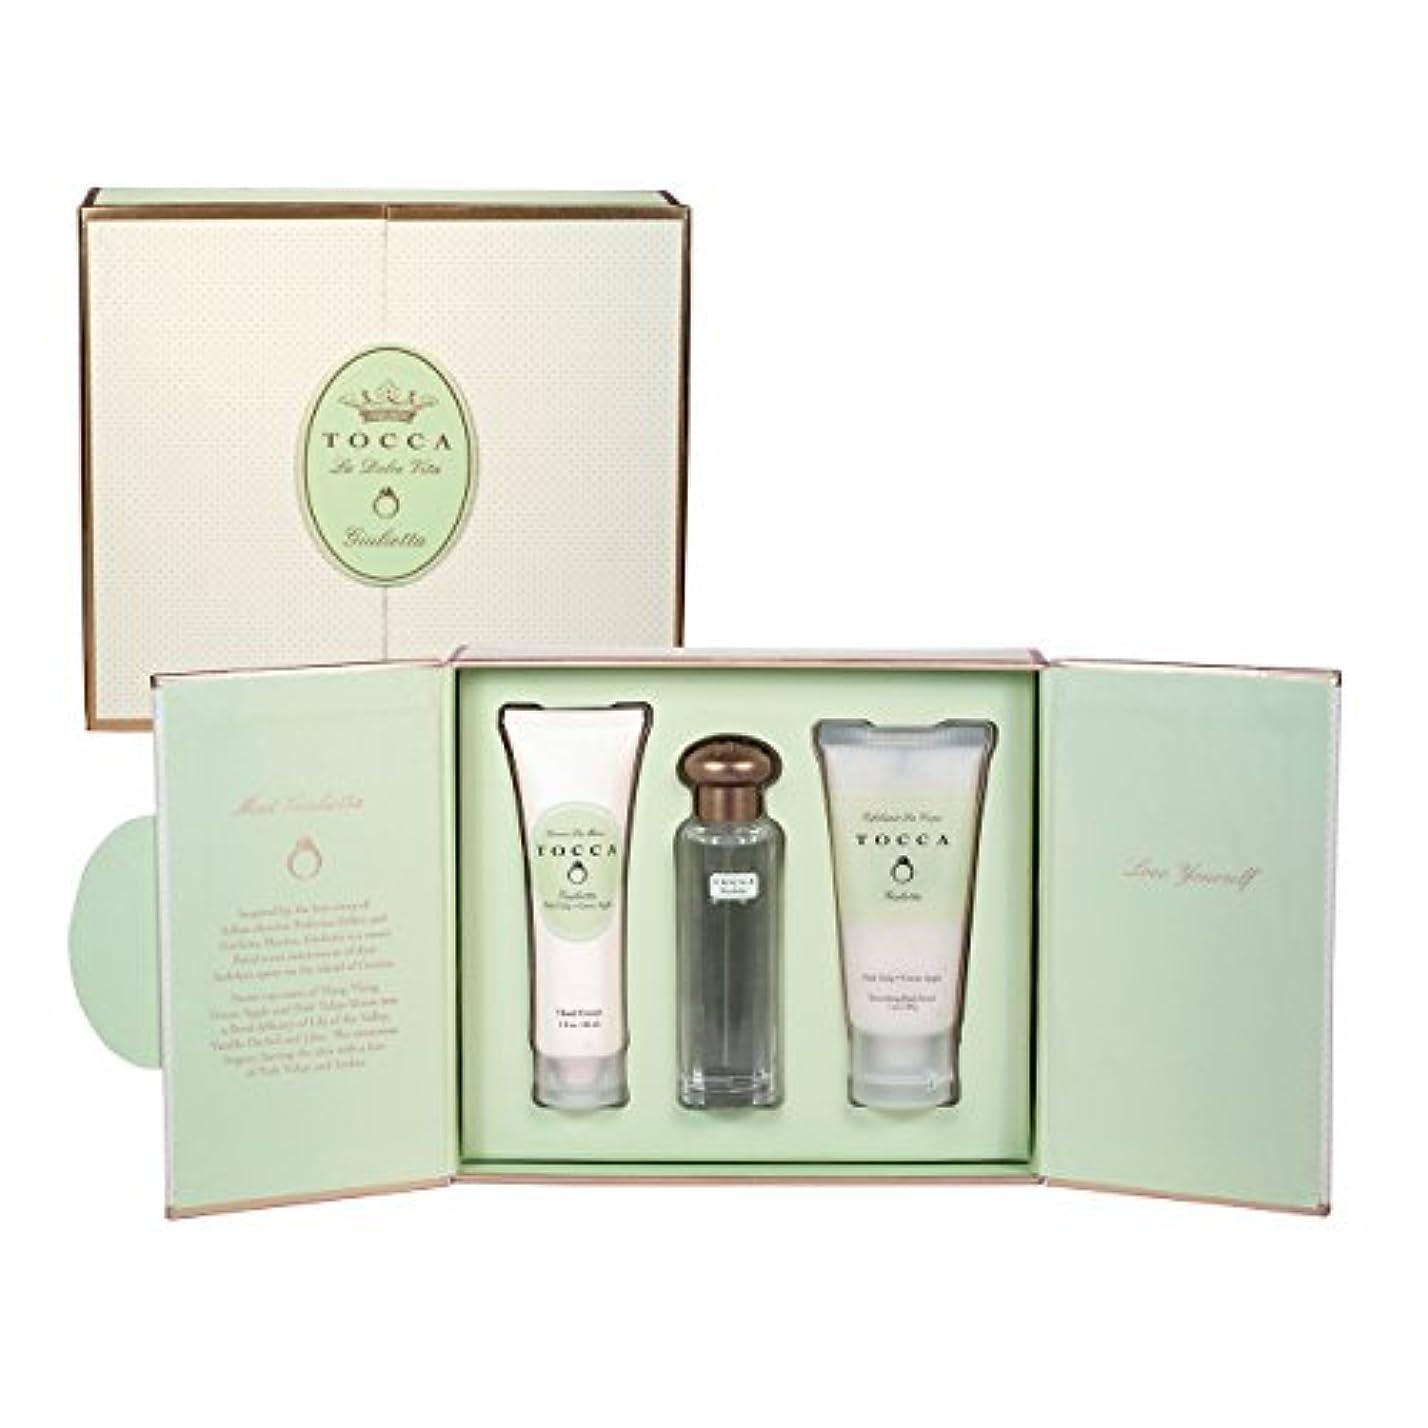 ランチ不十分なかろうじてトッカ(TOCCA) ドルチェヴィータコレクション ジュリエッタの香り (香水20ml、ハンドクリーム30ml、ボディーケアスクラブ30ml)